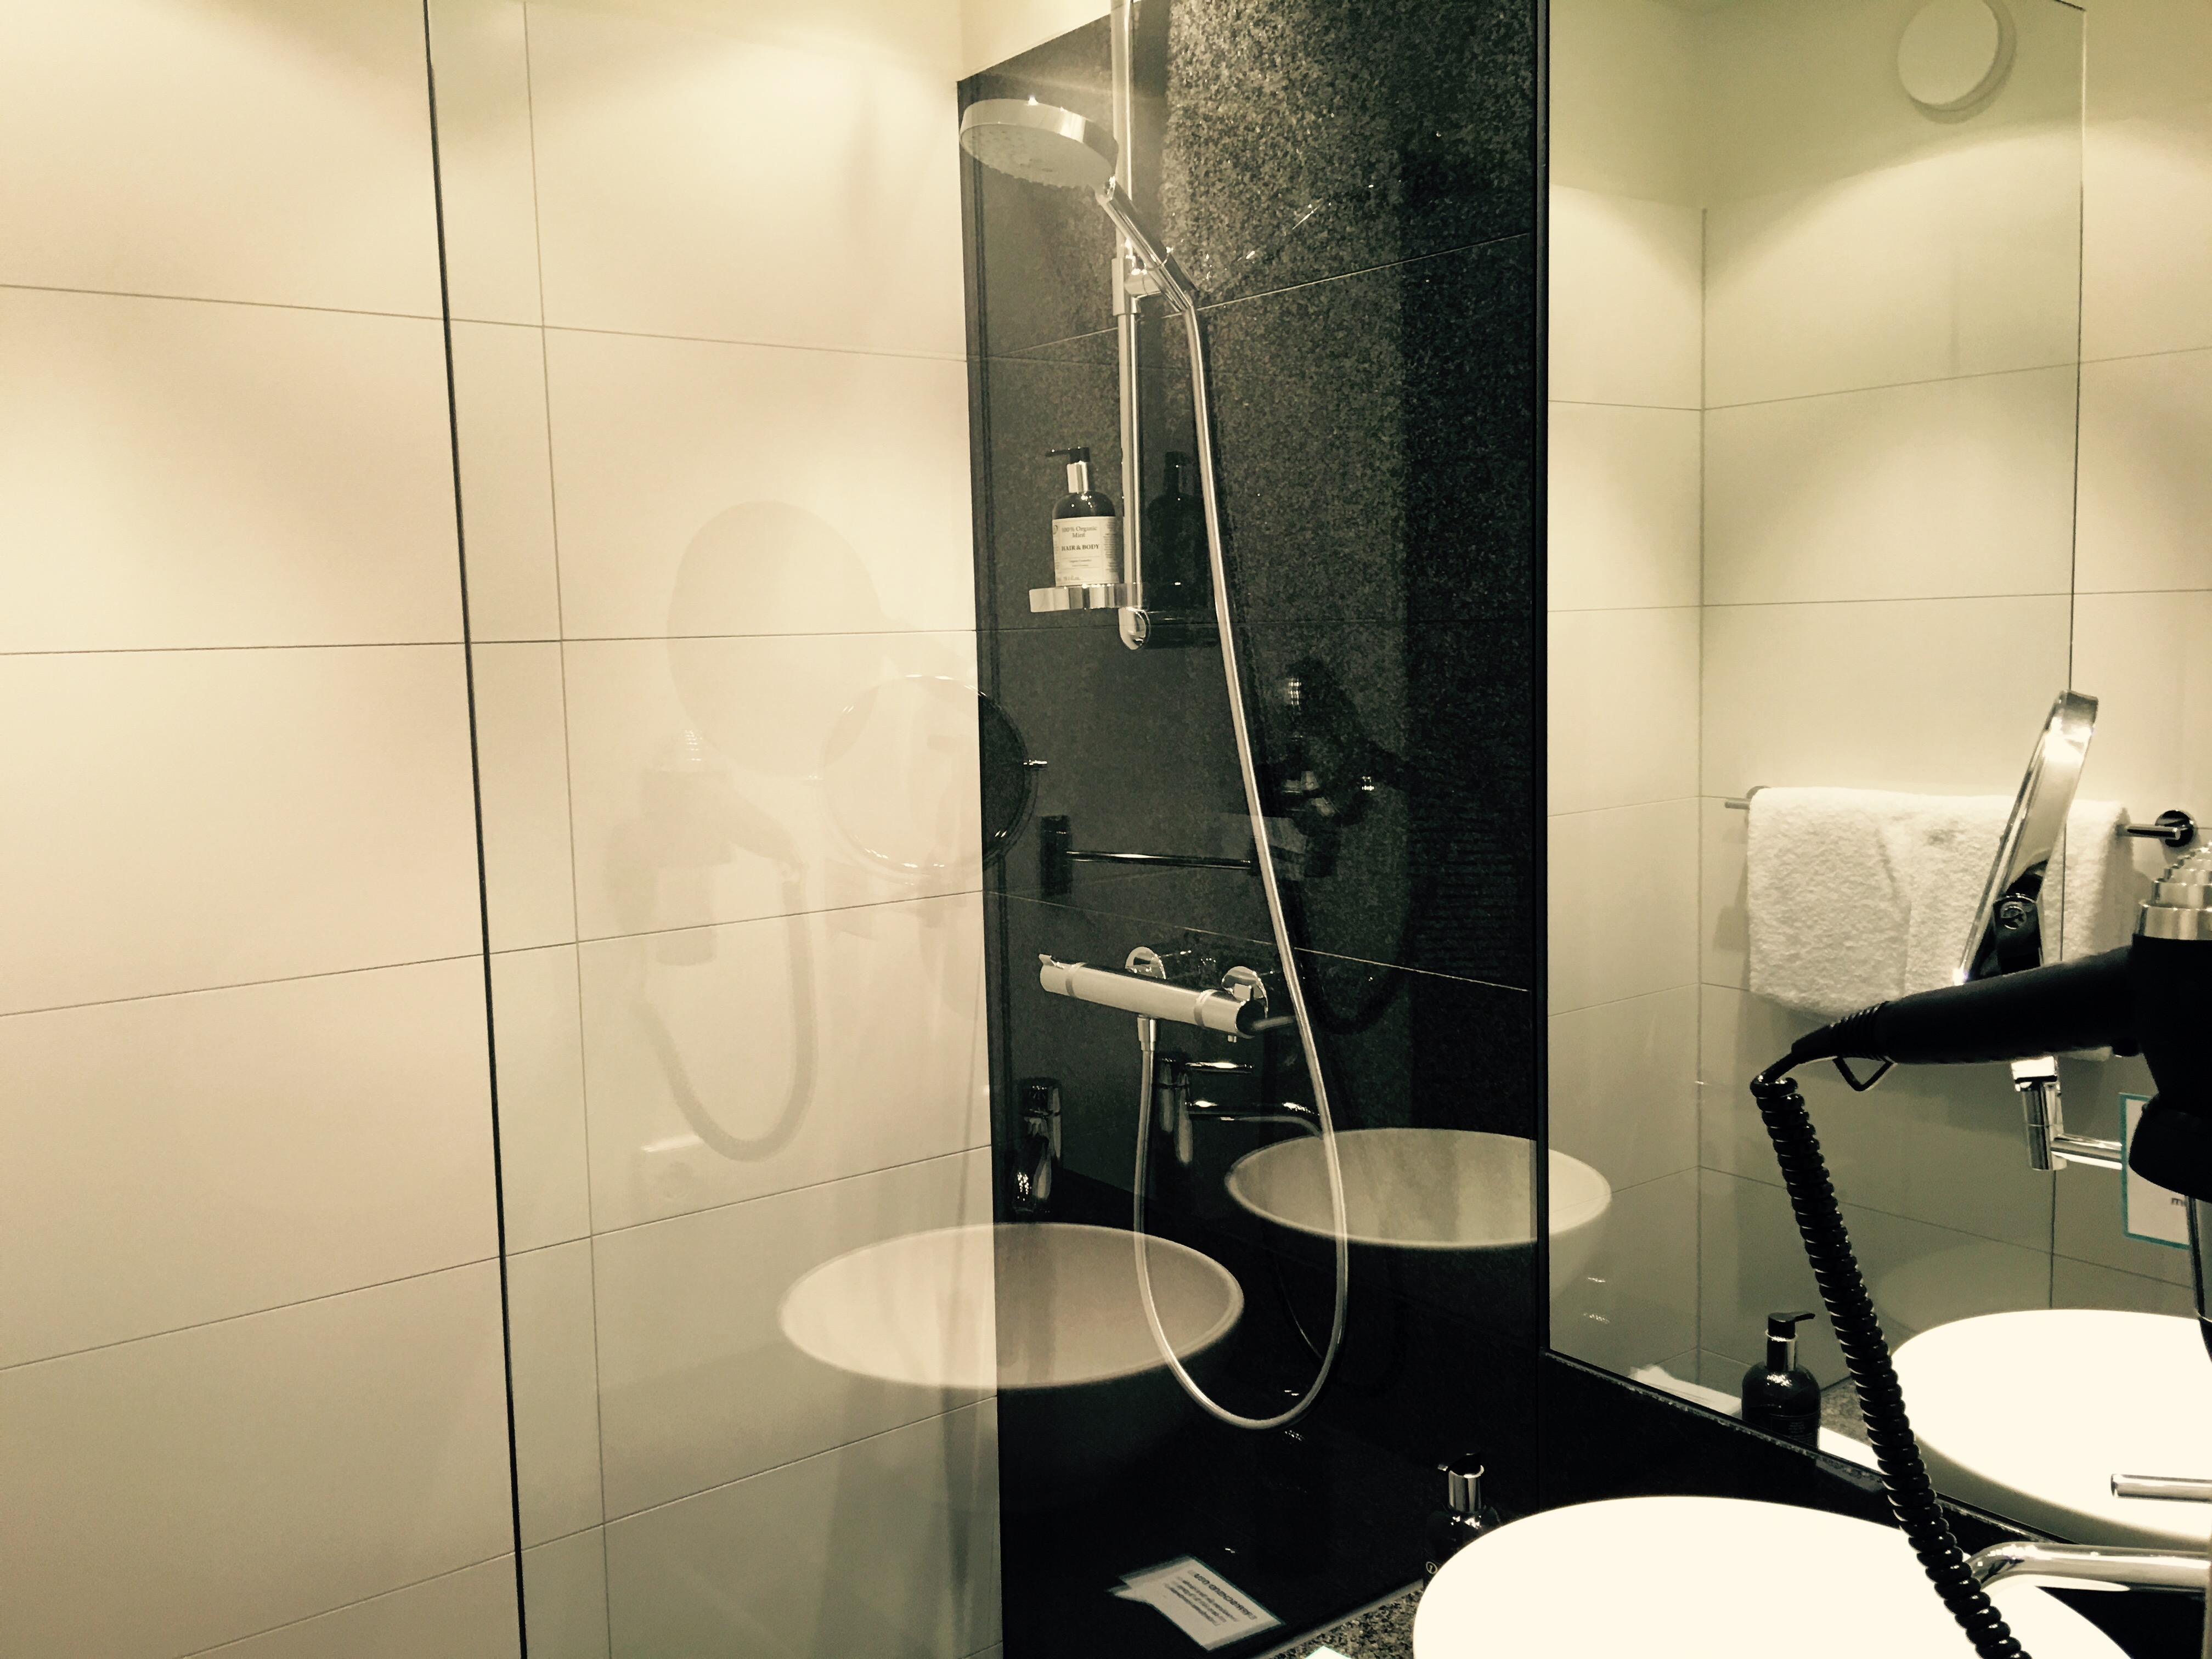 Motel one stuttgart bad cannstatt badezimmer k chenflug - Badezimmer stuttgart ...